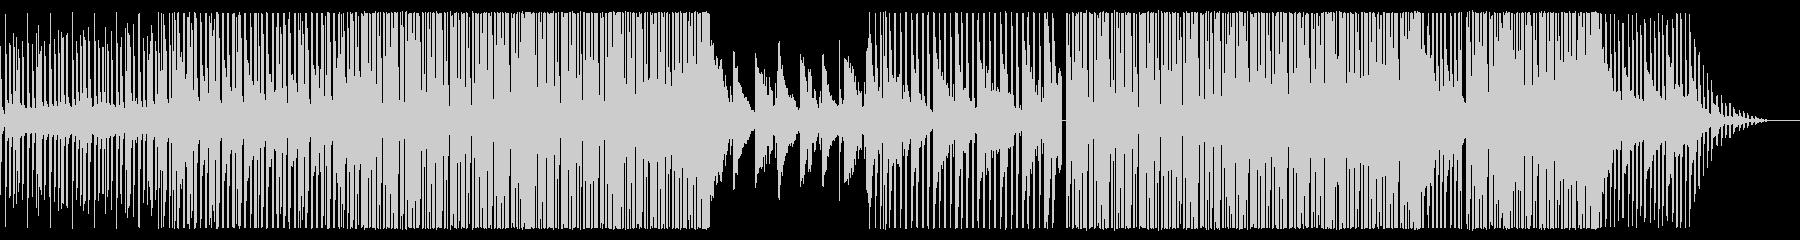 ワクワクで楽しいエレクトロ/ハウスポップの未再生の波形